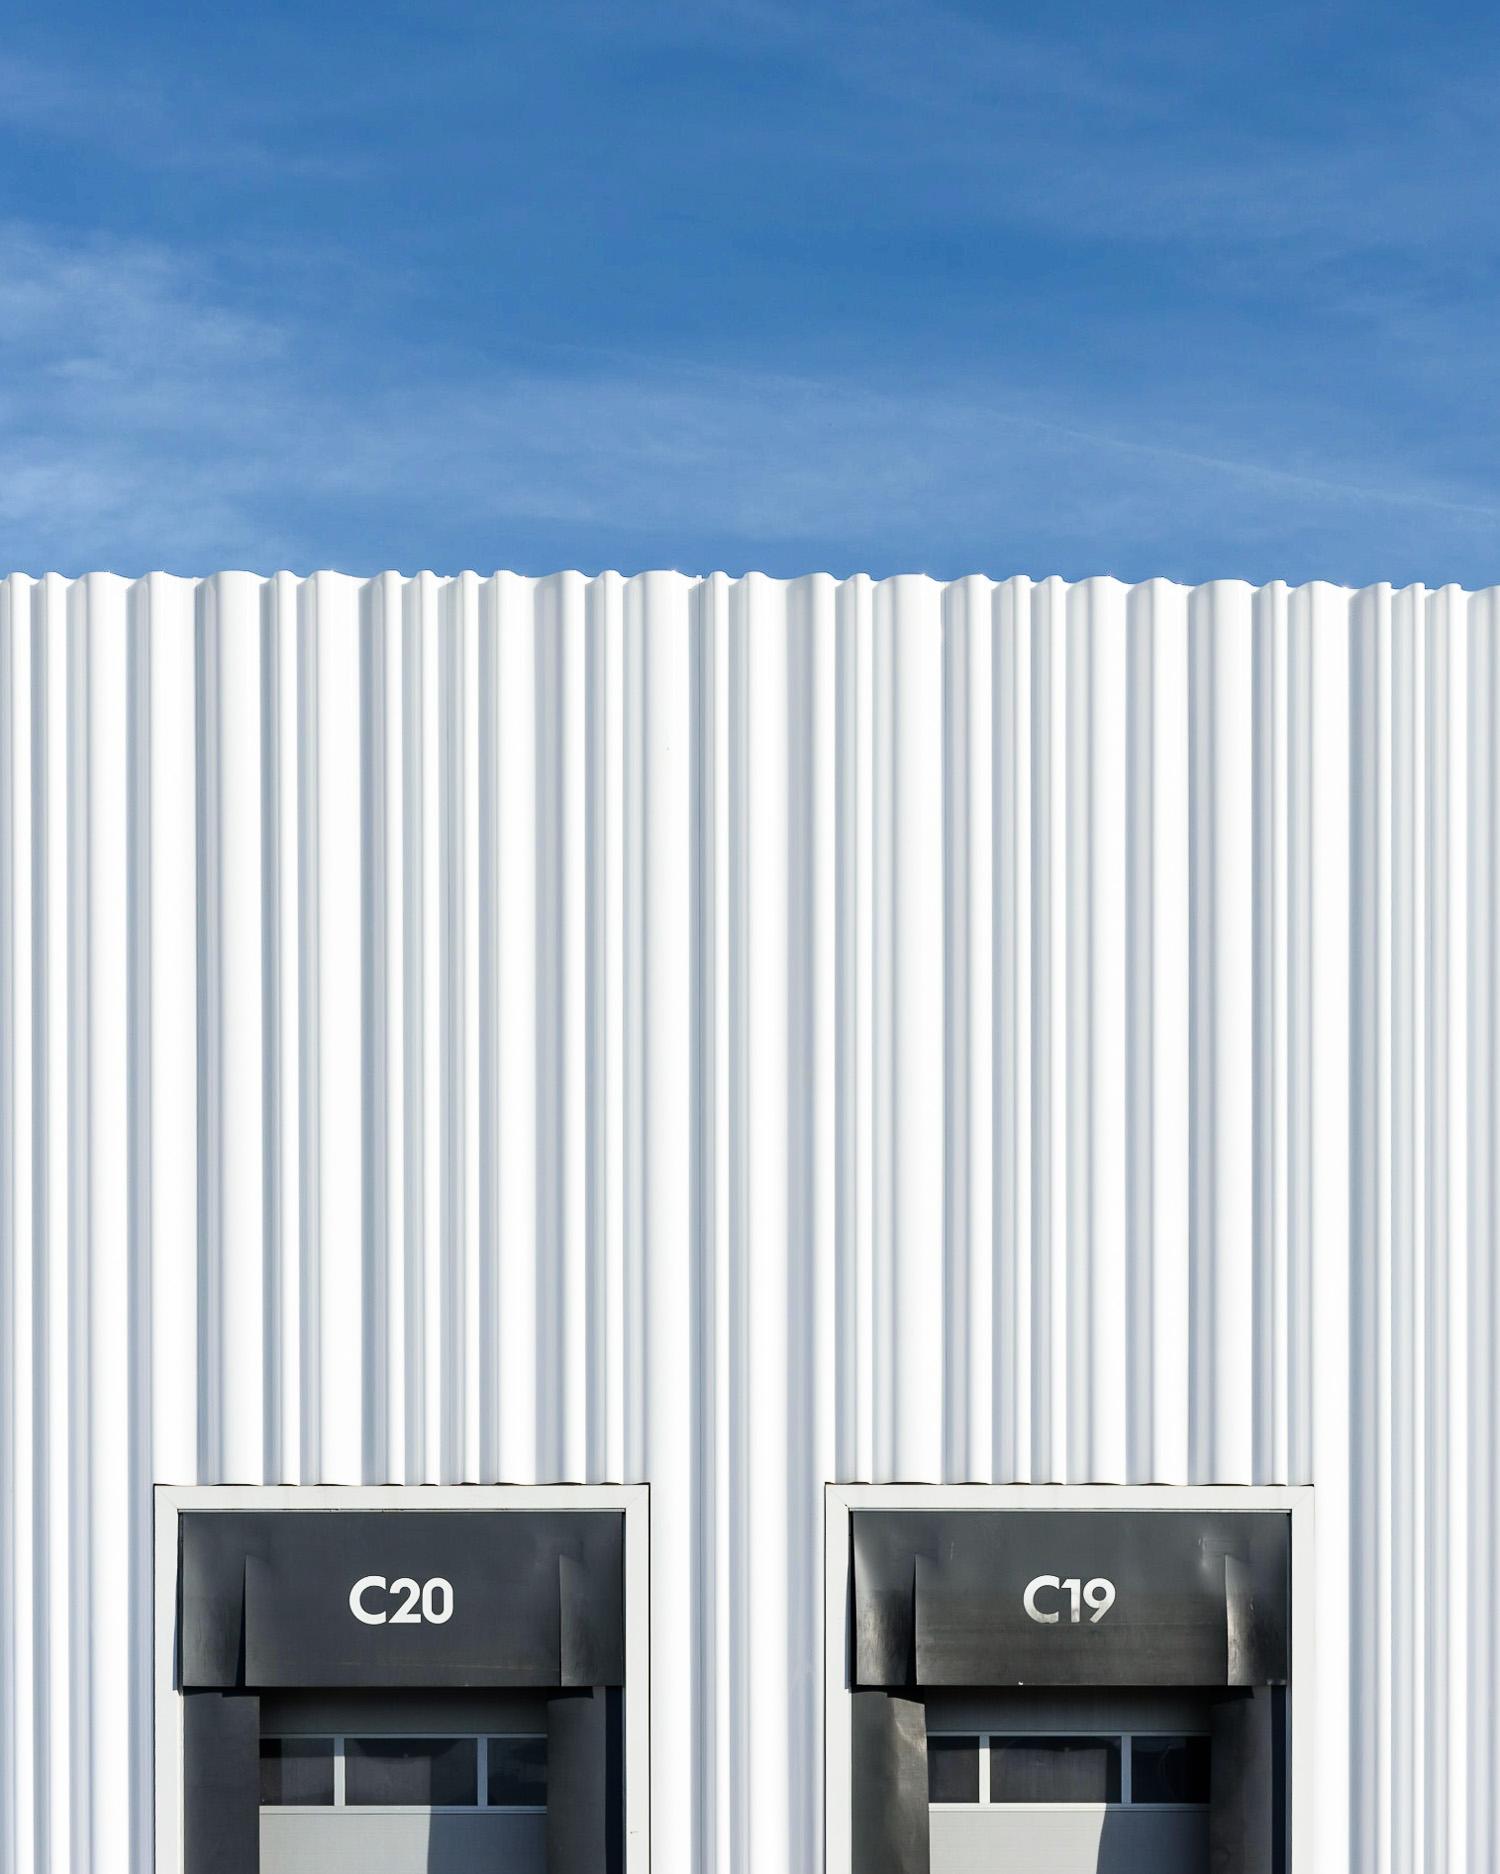 Factory Building, SANAA, 2012